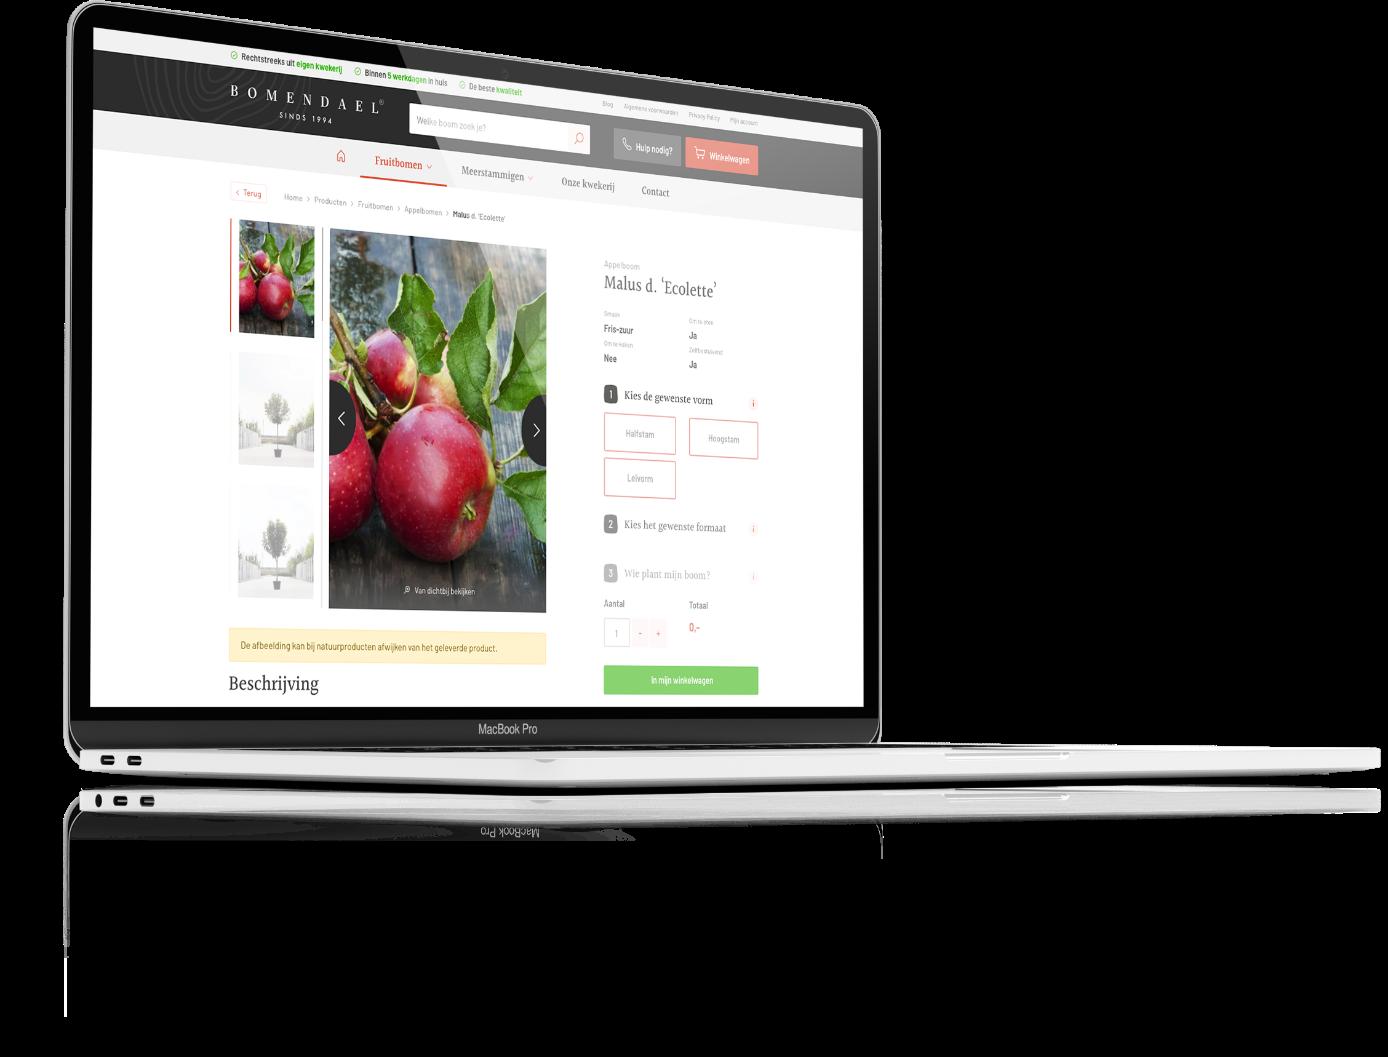 Bomendael - MacBook